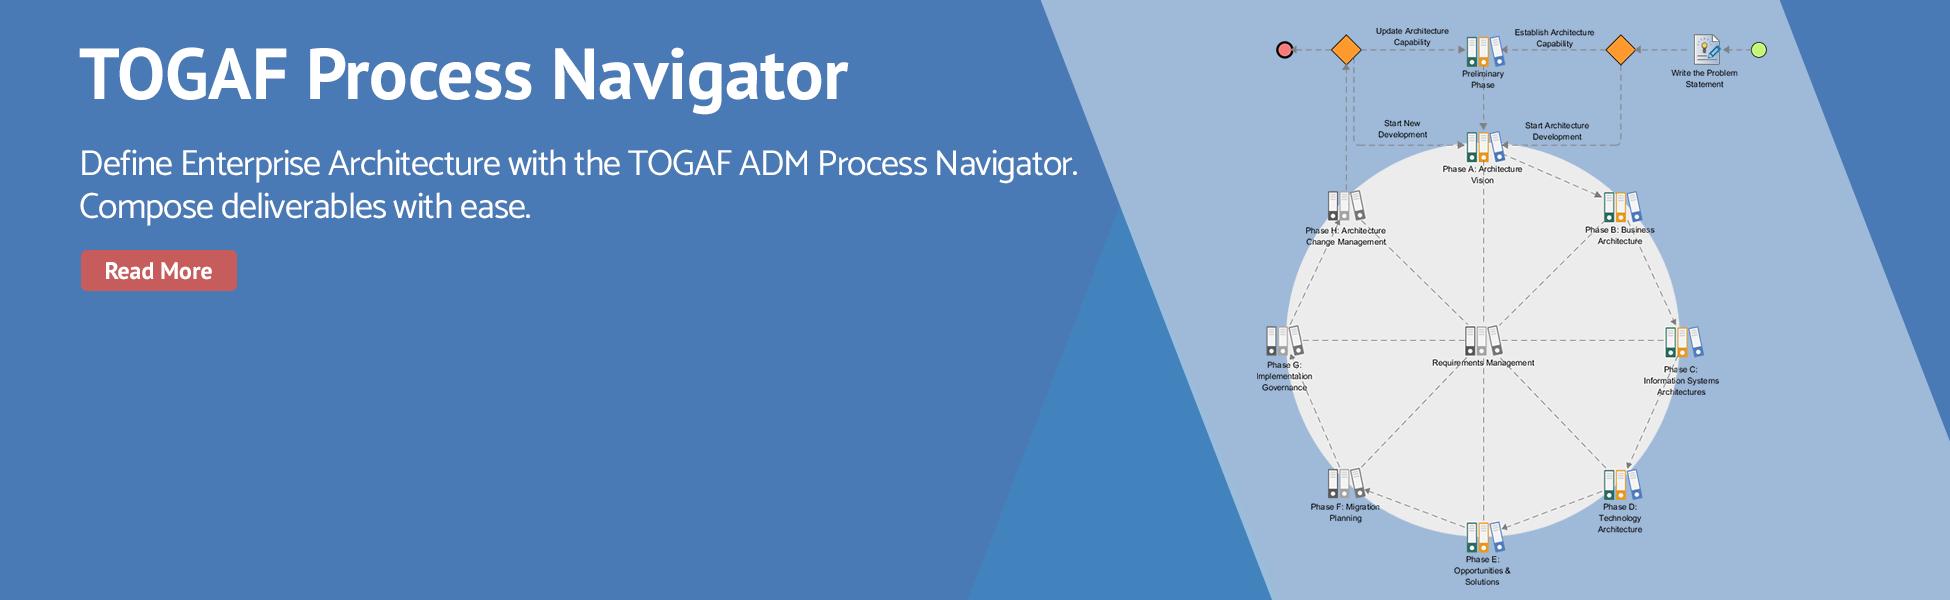 TOGAF Process Navigator